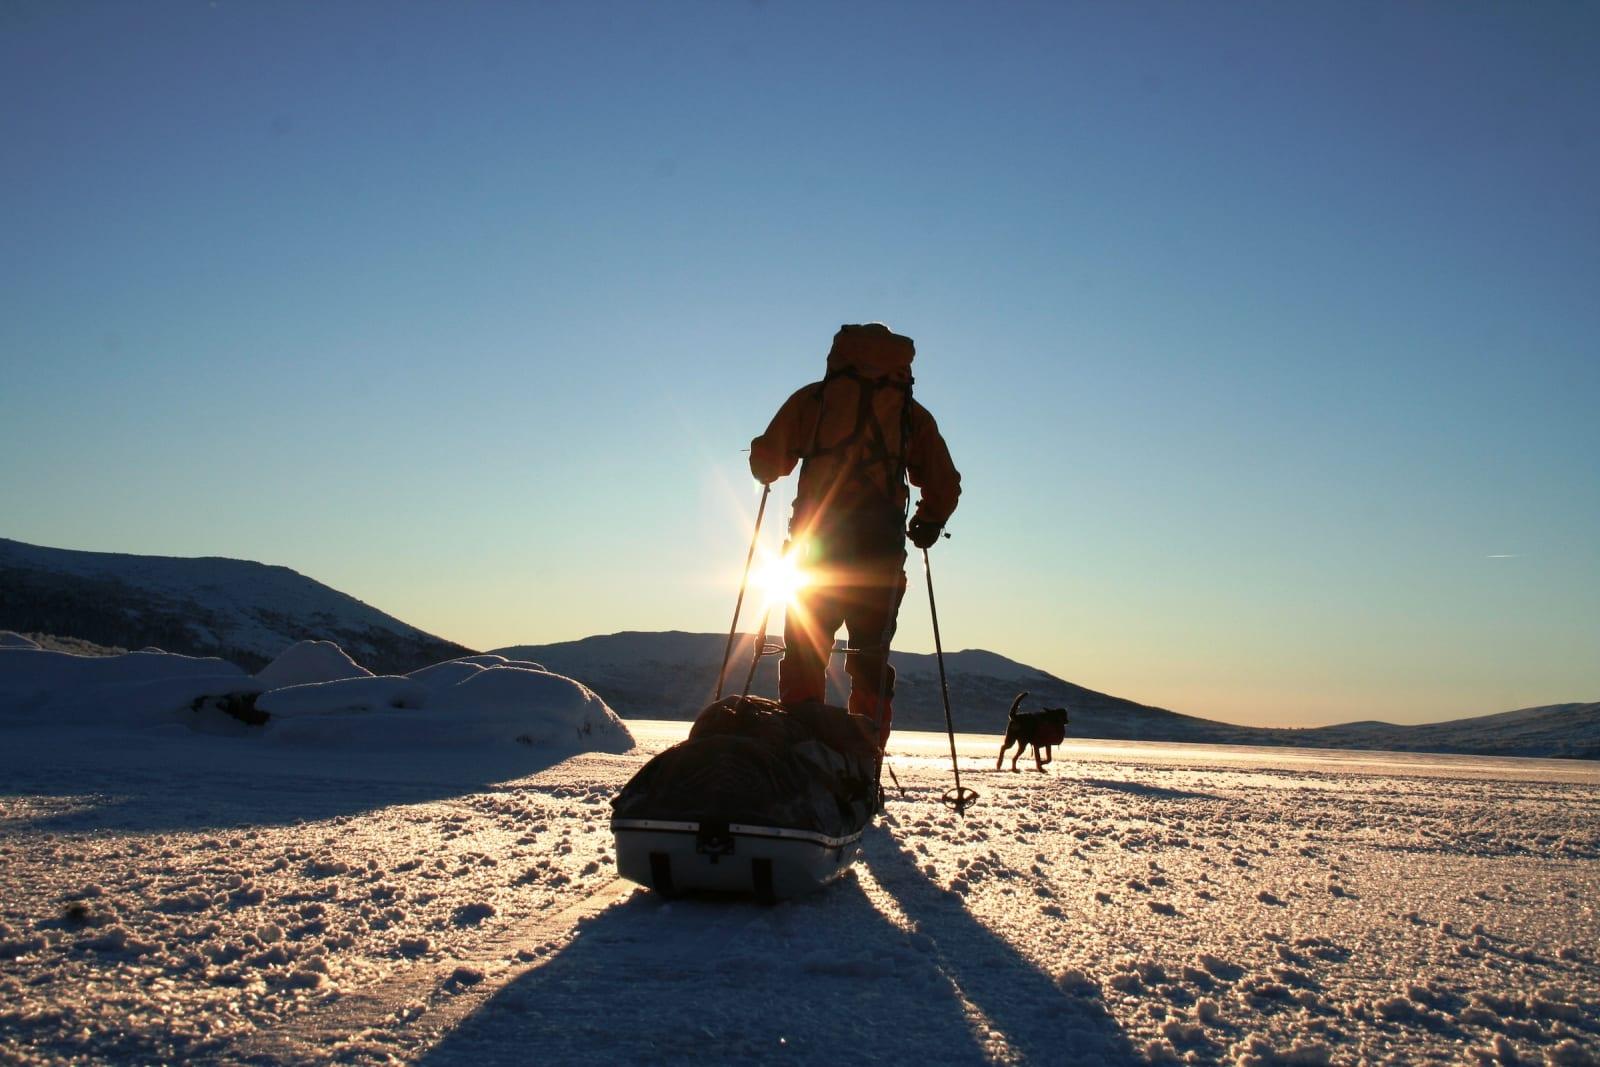 Pulktur: Isen er trygg allerede på senhøsten. Det gjør deler av skituren flat og fin. Noe av krongleterrenget er derimot sensurert fra artikkelen. Foto: André Spica